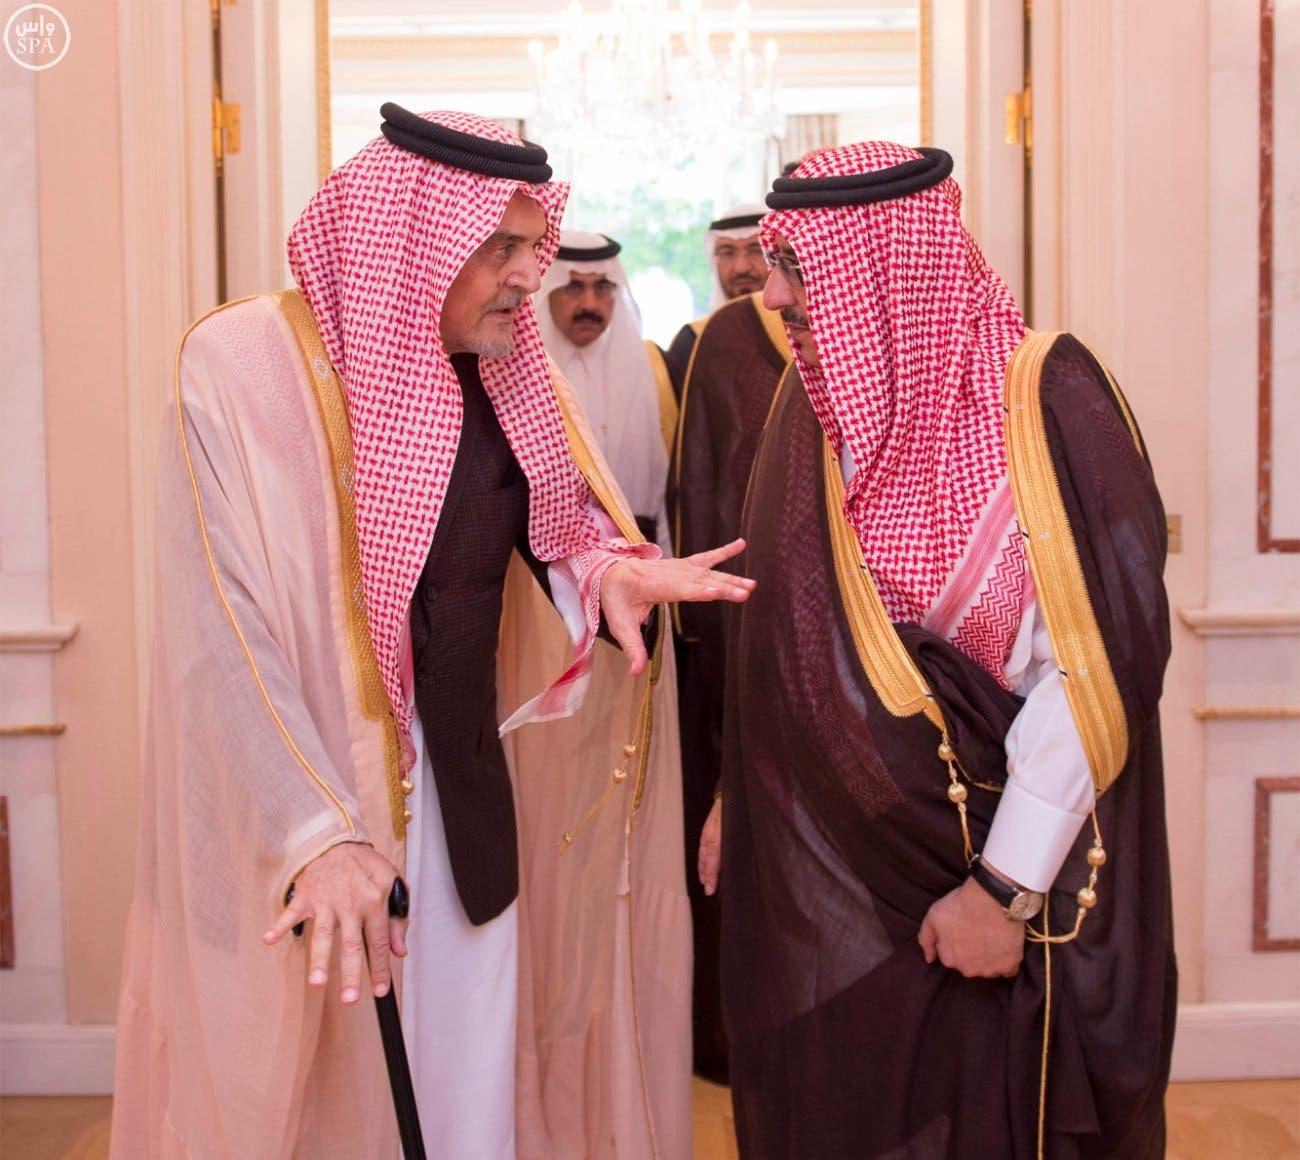 السعودية تنعي سعود الفيصل رجل السياسة والإنسانية Feac3483-d86e-43bf-835d-d20d626d4047